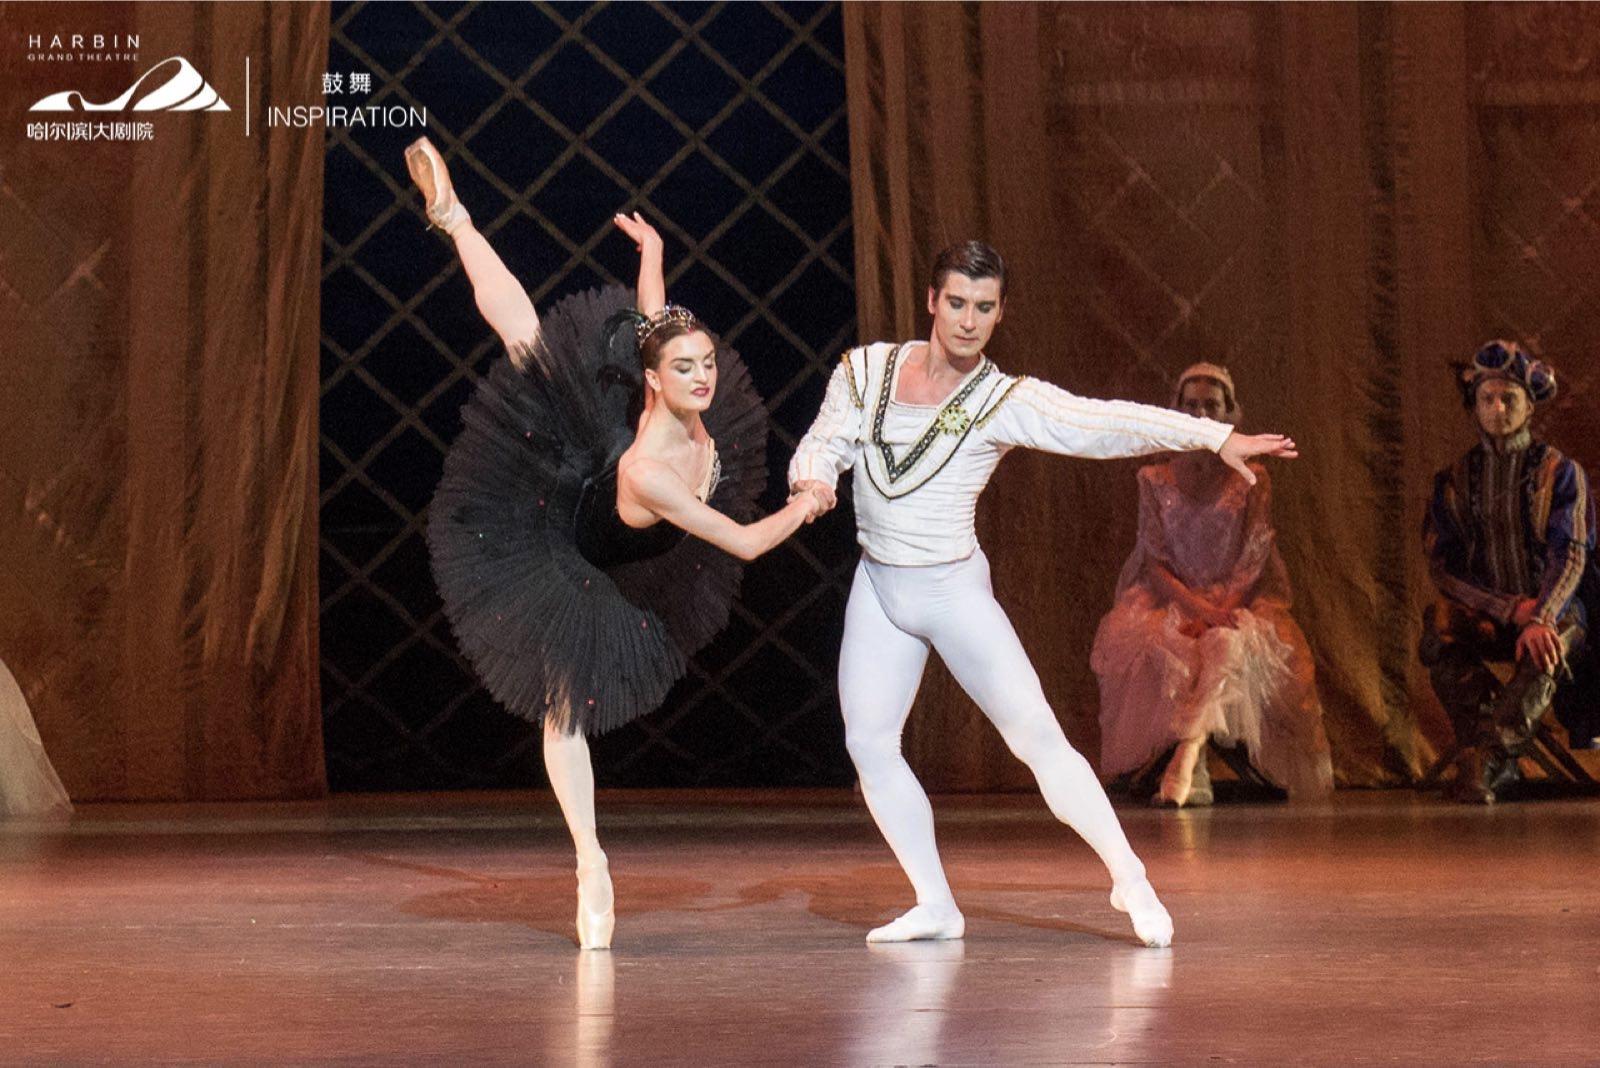 在哈爾濱大劇院上演的芭蕾舞劇劇照。